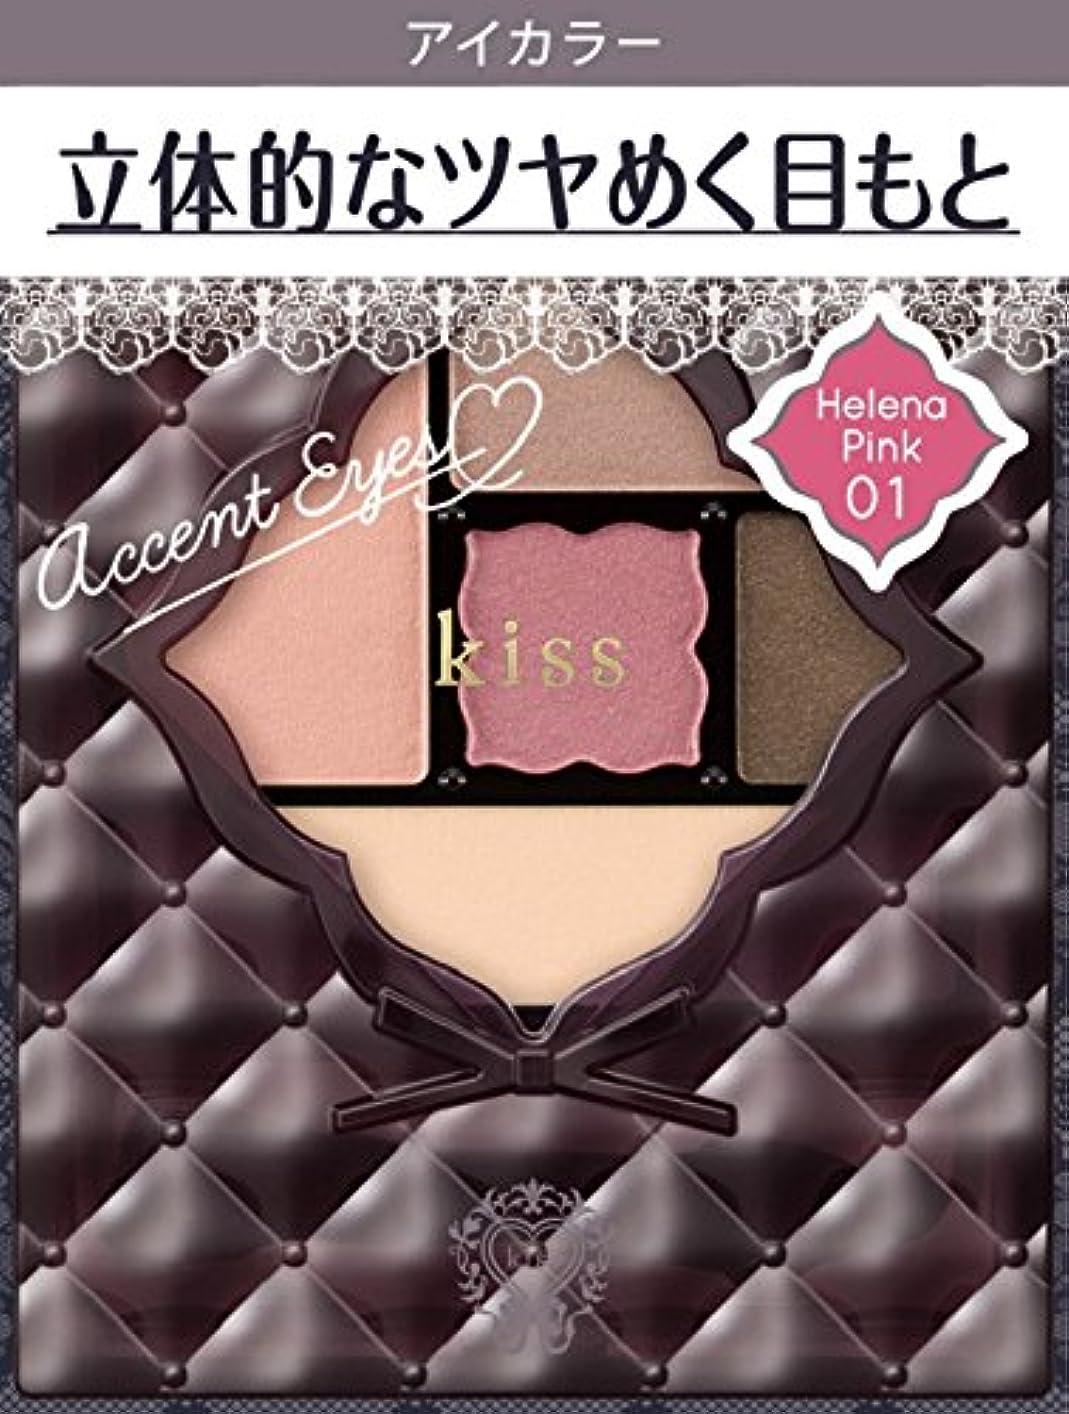 首尾一貫したジャンピングジャック落ち着いてキス アクセントアイズ01 ヘレネーピンク 3.5g